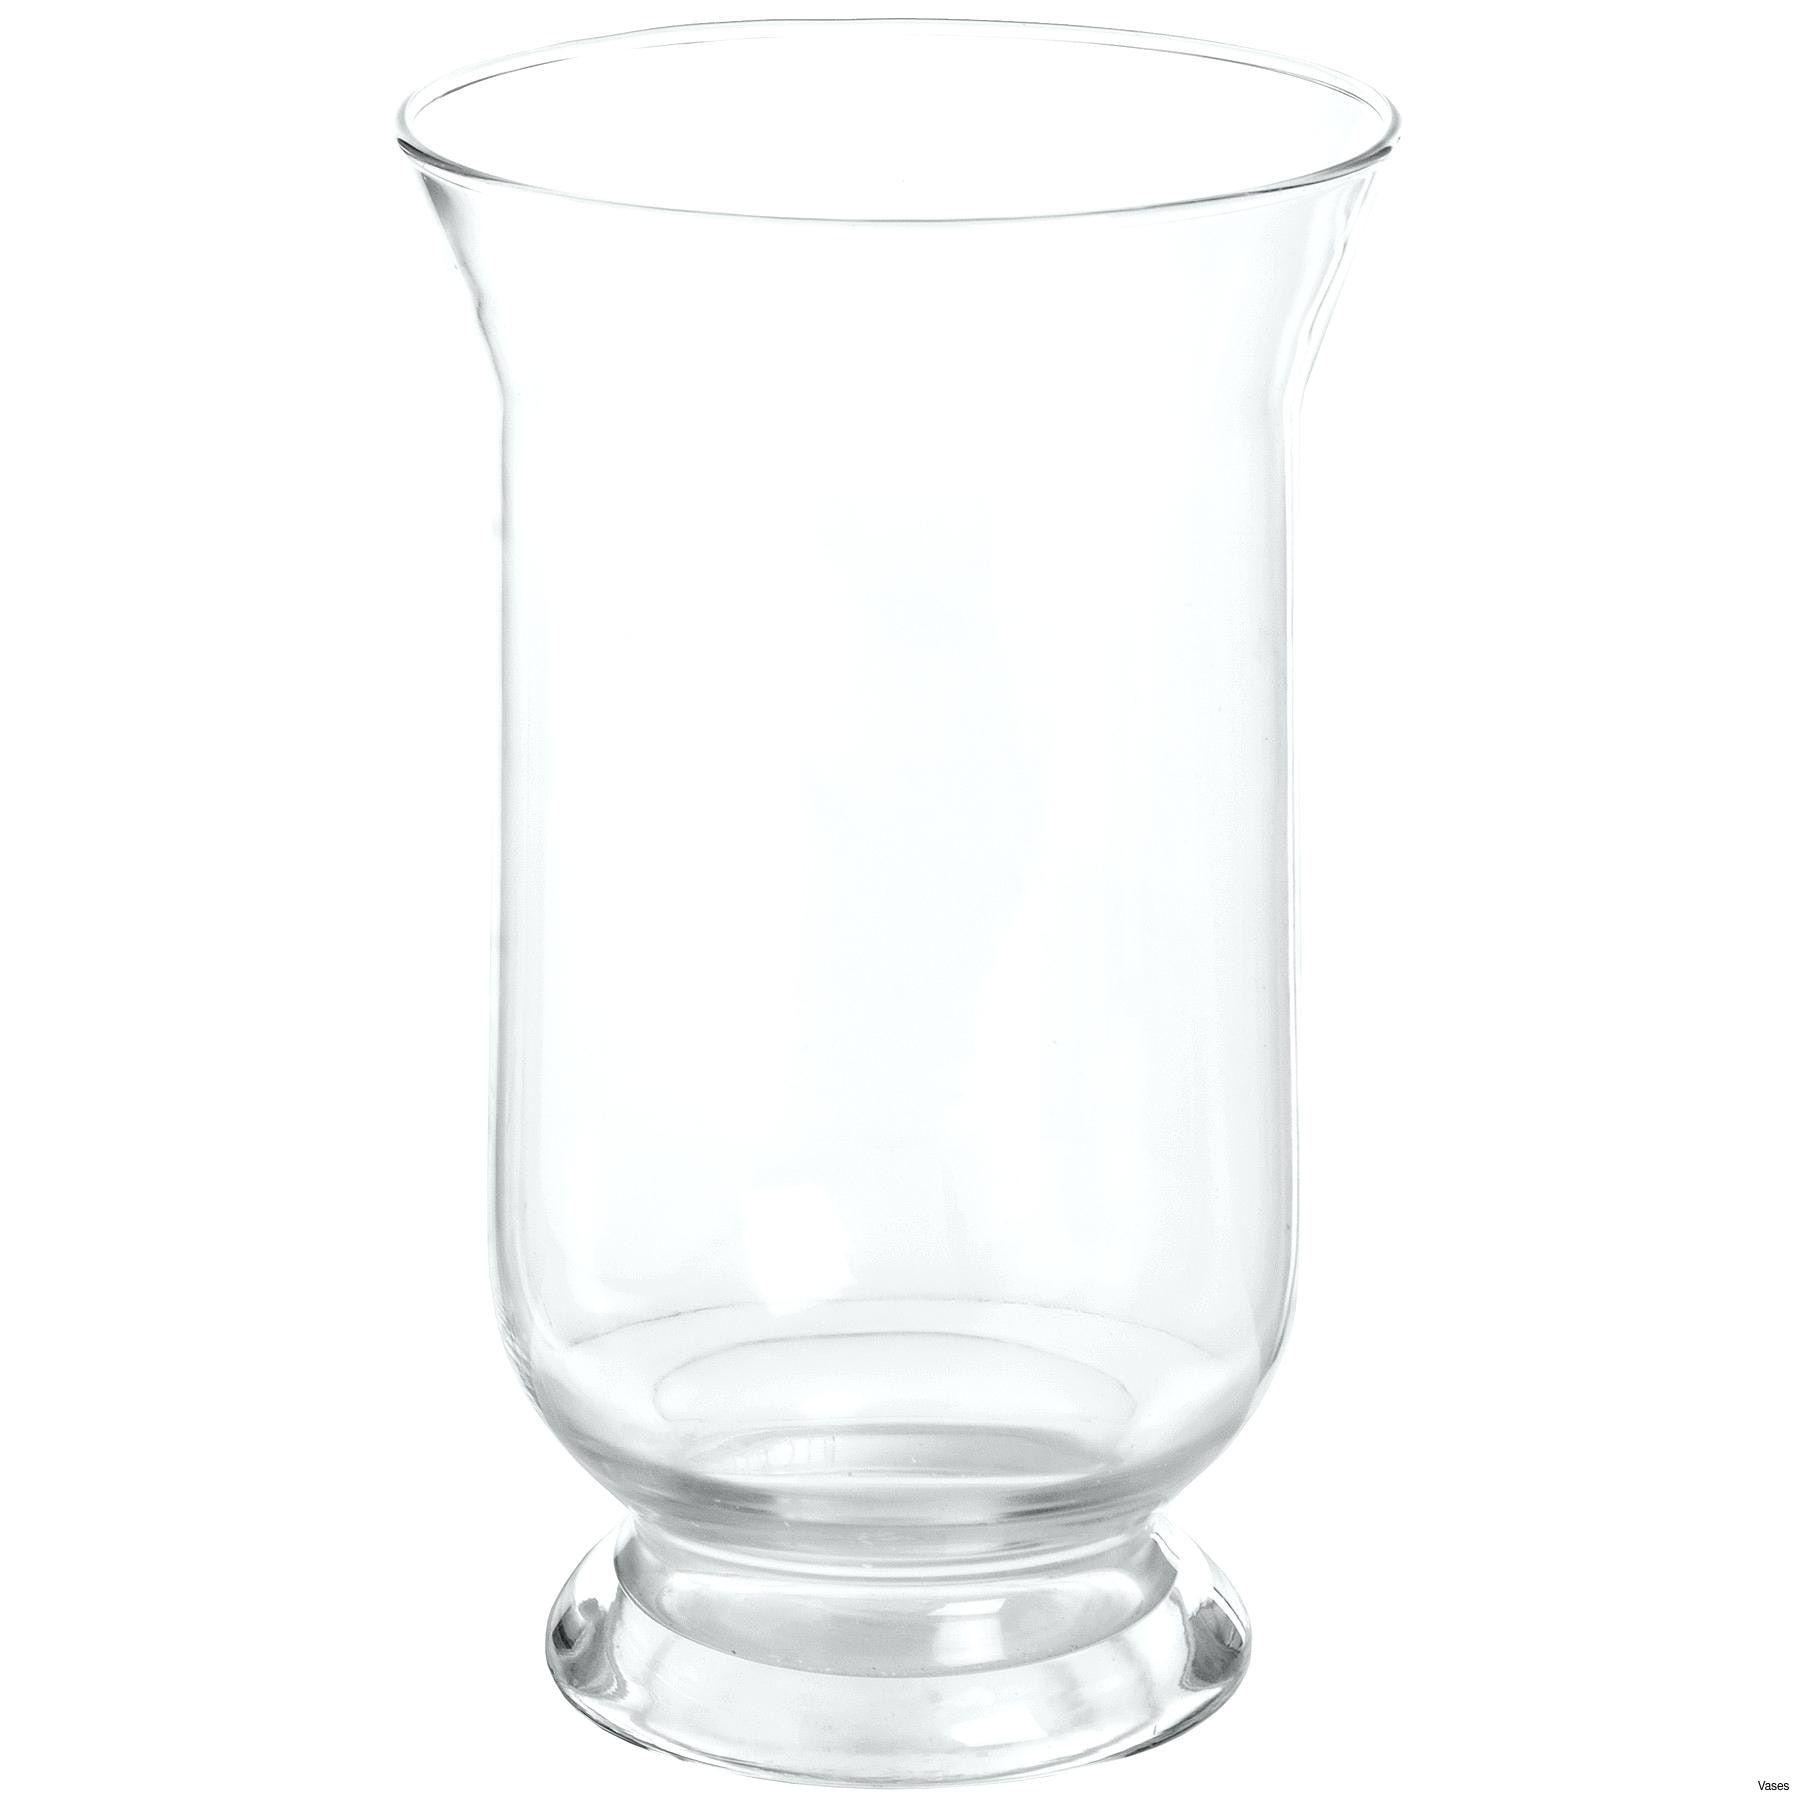 milk bottle vases wholesale of 40 glass vases bulk the weekly world pertaining to captivating wedding wraps with regard to hurricane vase ideas buy